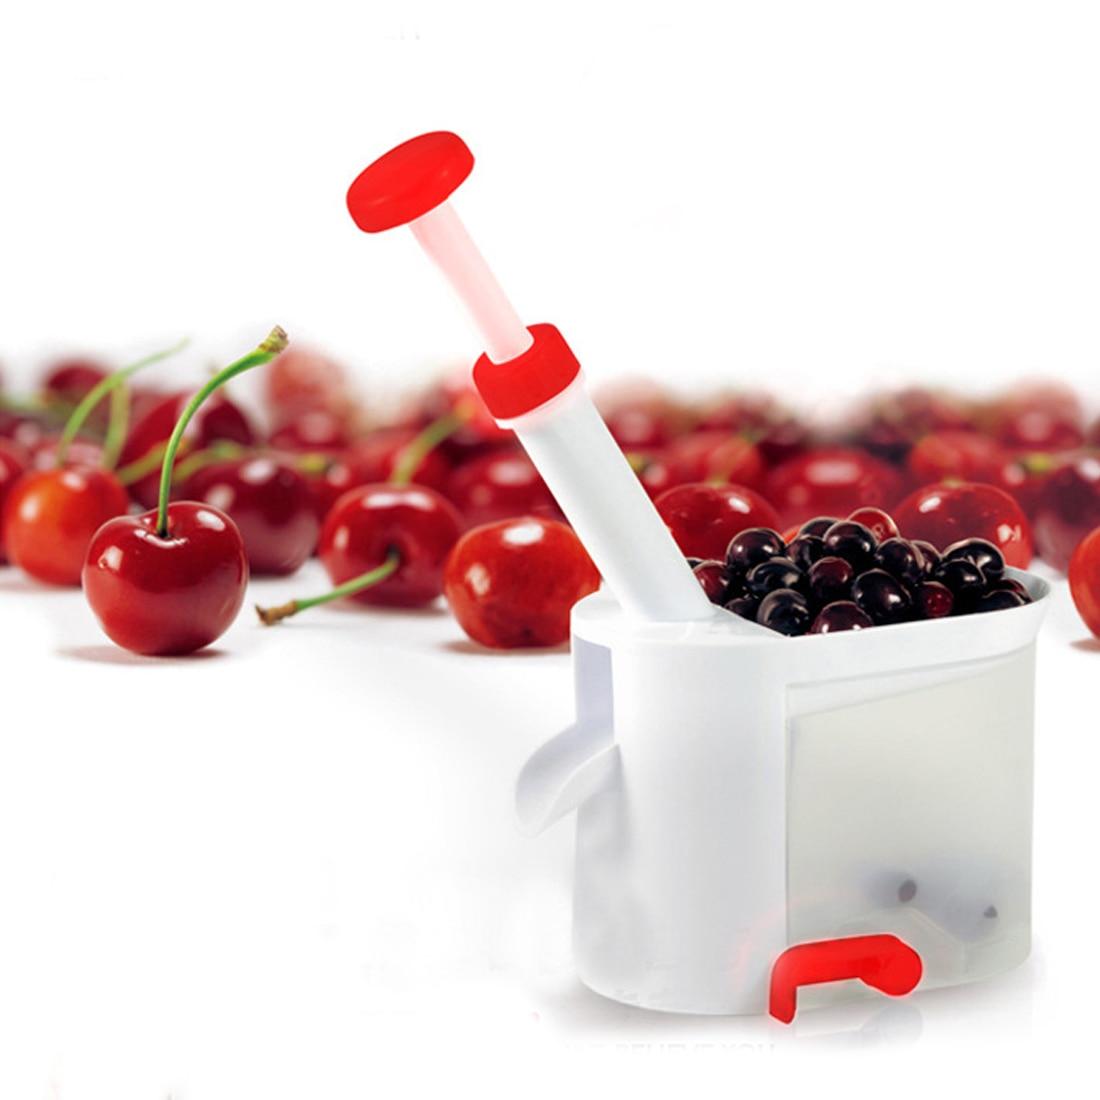 Legjobb eladás Cseresznyemagos mag eltávolító gép Cseresznyemagos tartályos konyhai eszközöket tartalmazó eszköz